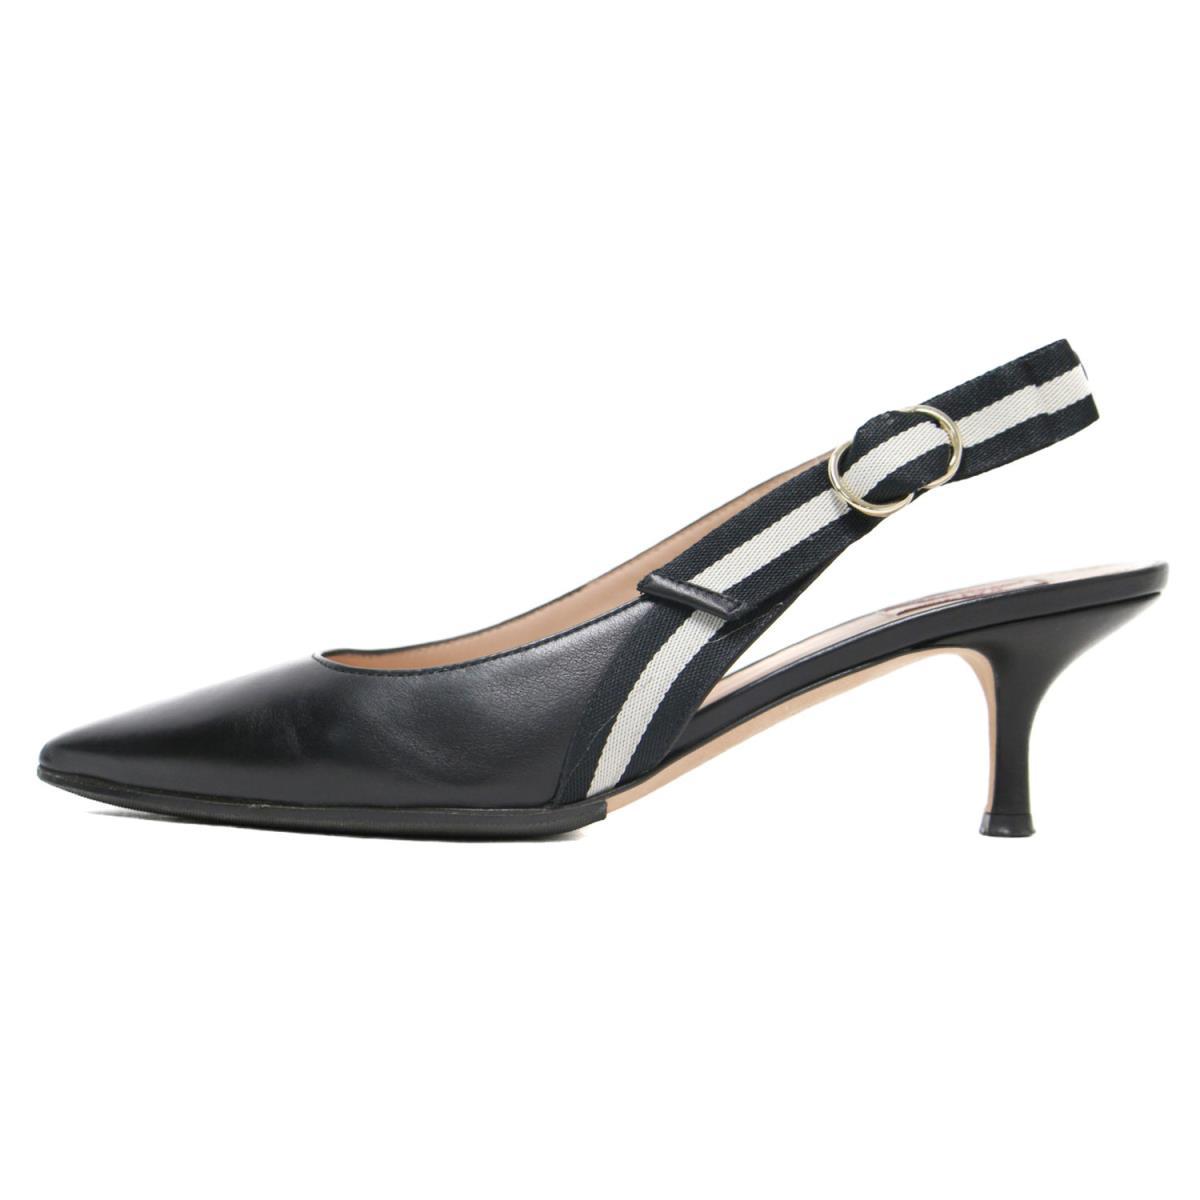 レディース靴, パンプス BALLY Alice 55 20 36 12 K2838